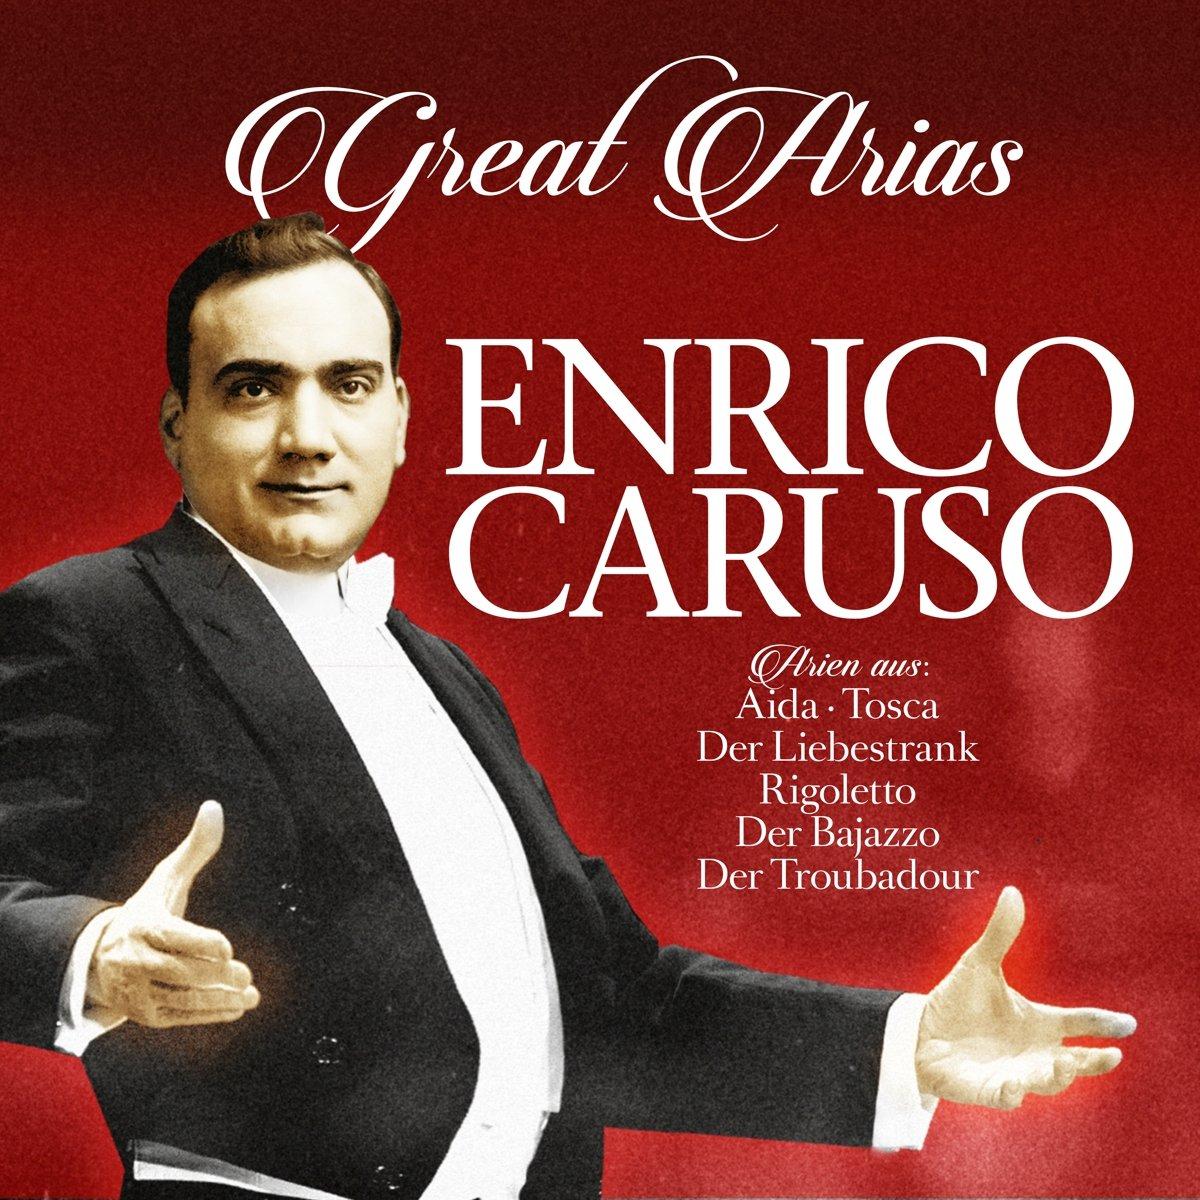 Enrico Caruso. Great Arias (LP)